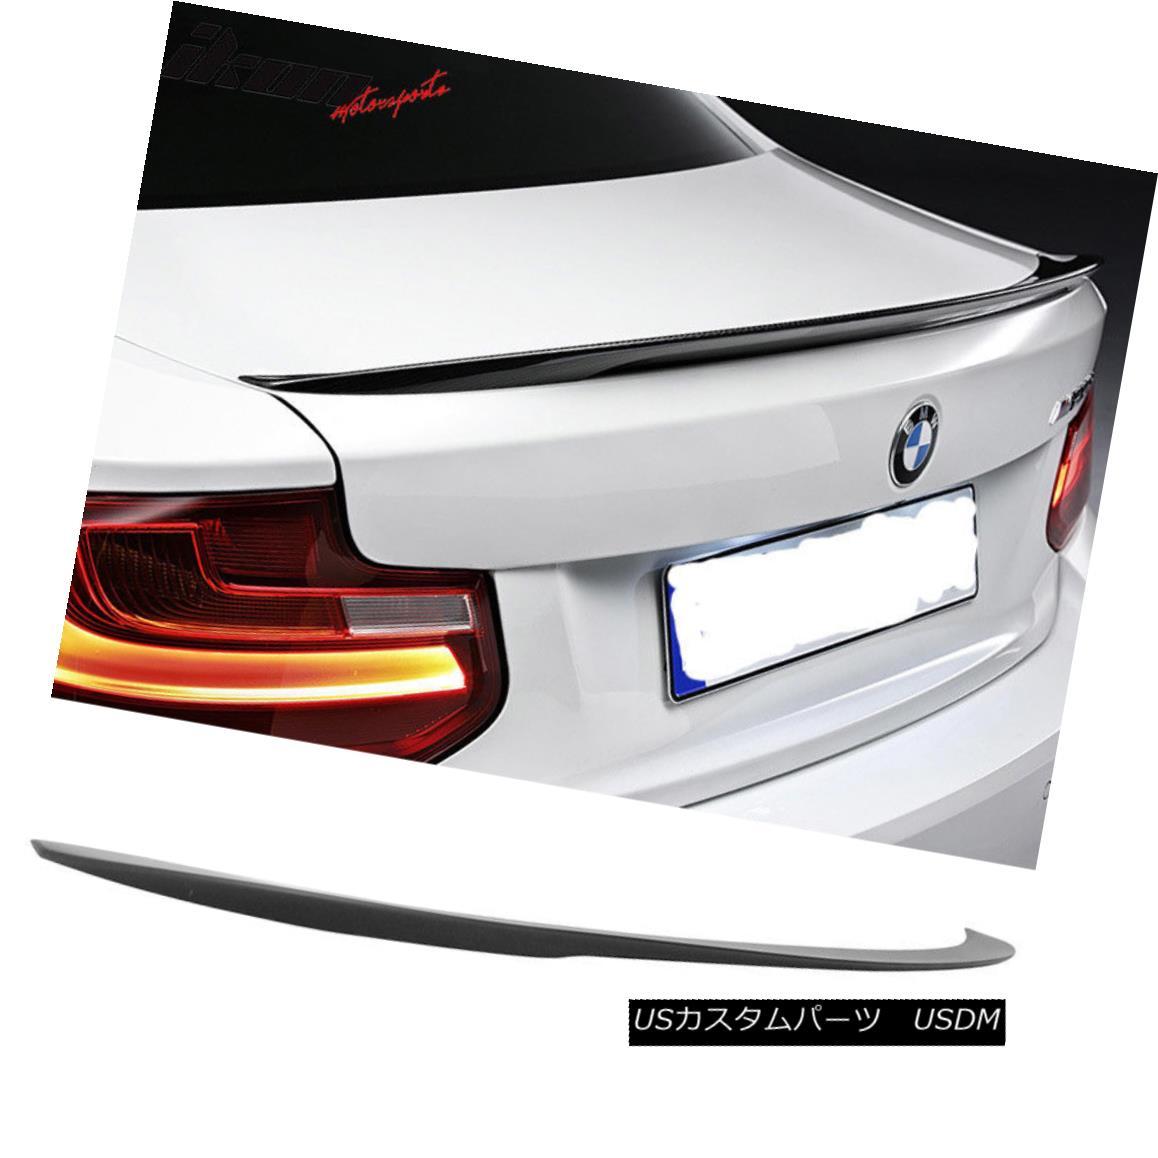 エアロパーツ 14-18 BMW 2-Series F22 Coupe 2Dr Performance Style Trunk Spoiler - Matte Black 14-18 BMW 2シリーズF22クーペ2Drパフォーマンススタイルトランク・スポイラー - マット・ブラック